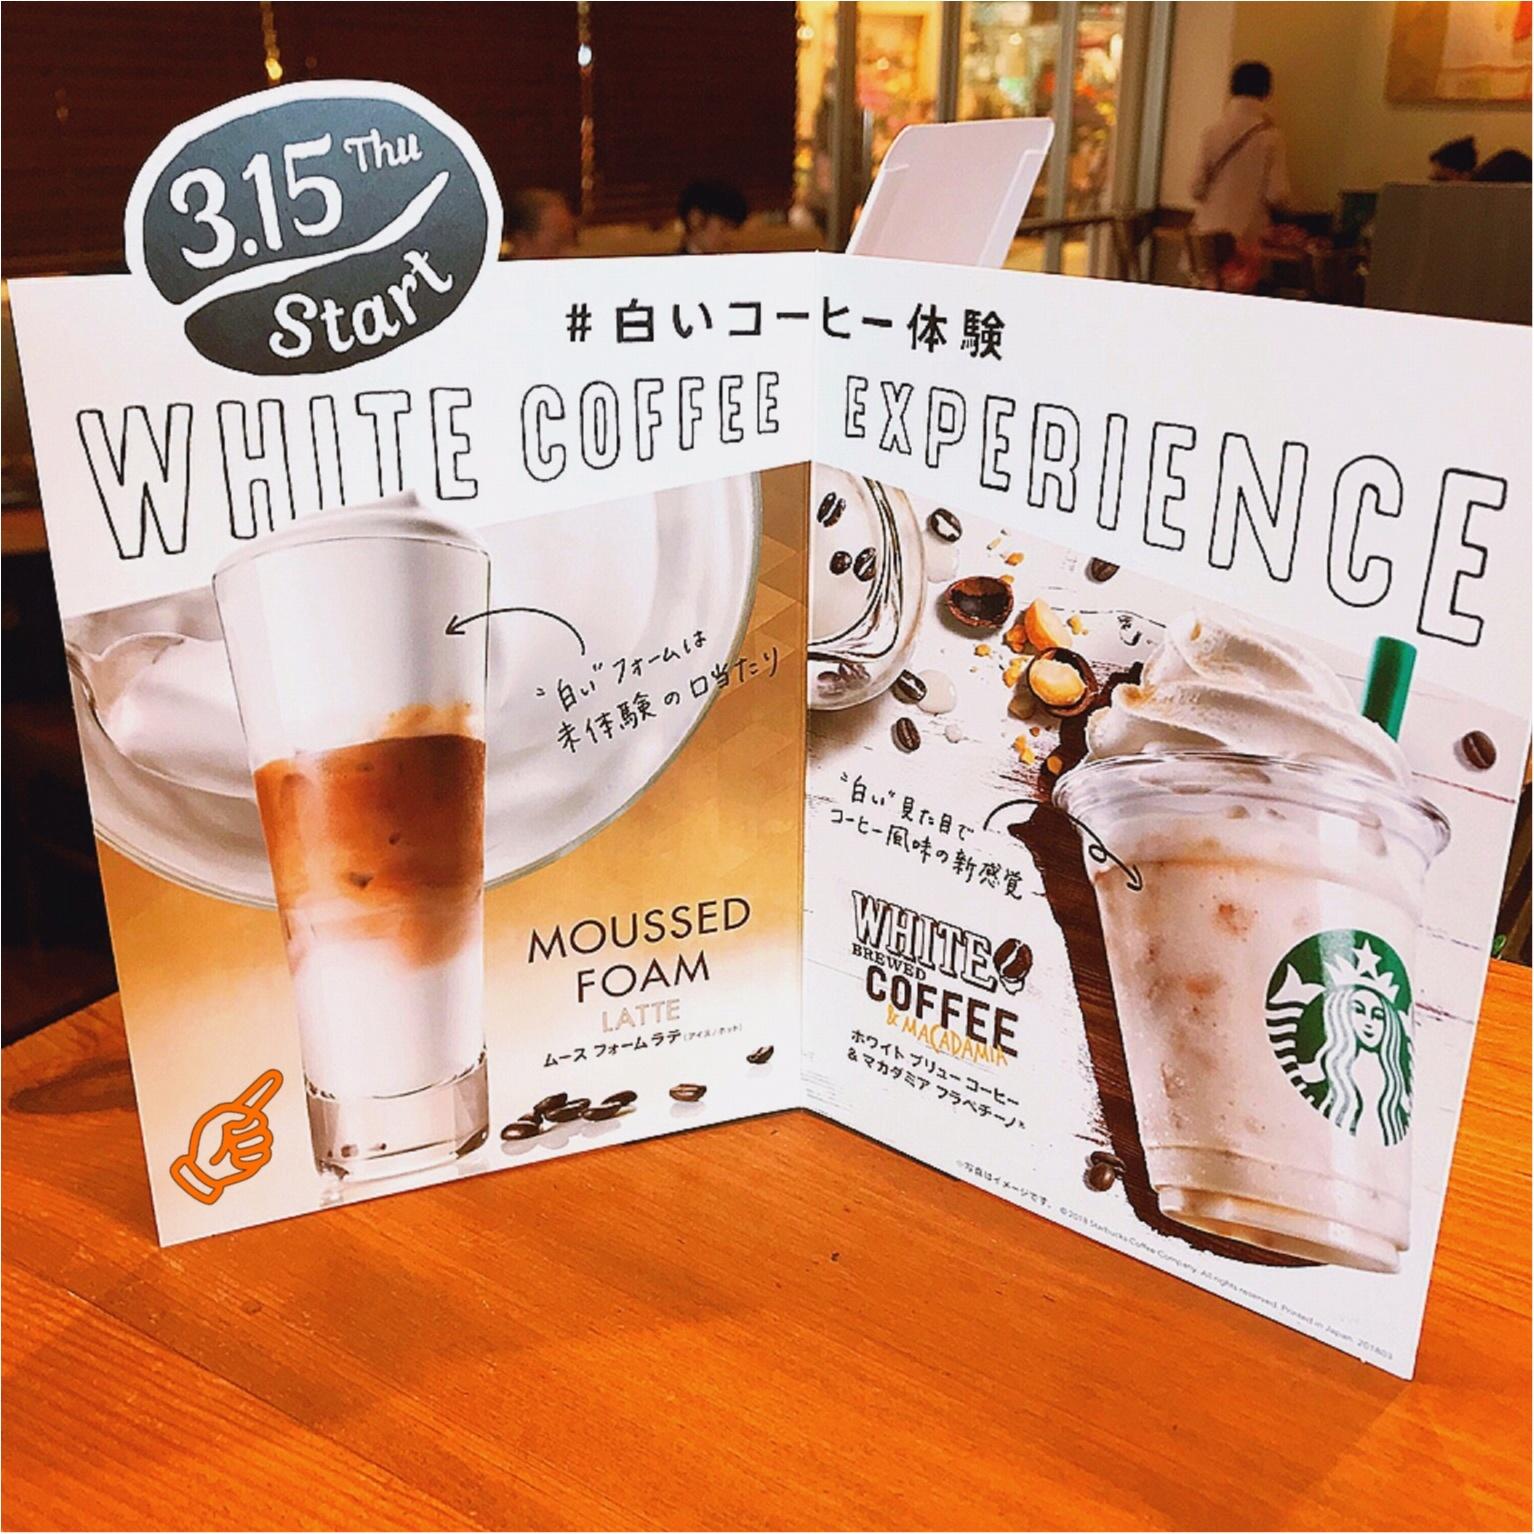 【超先行!】コーヒーなのに白?!3/15〜Starbucks新作✩ムースフォームラテ✩を一足先に味わってきました!!白い泡の正体は◯◯◯だった!_1